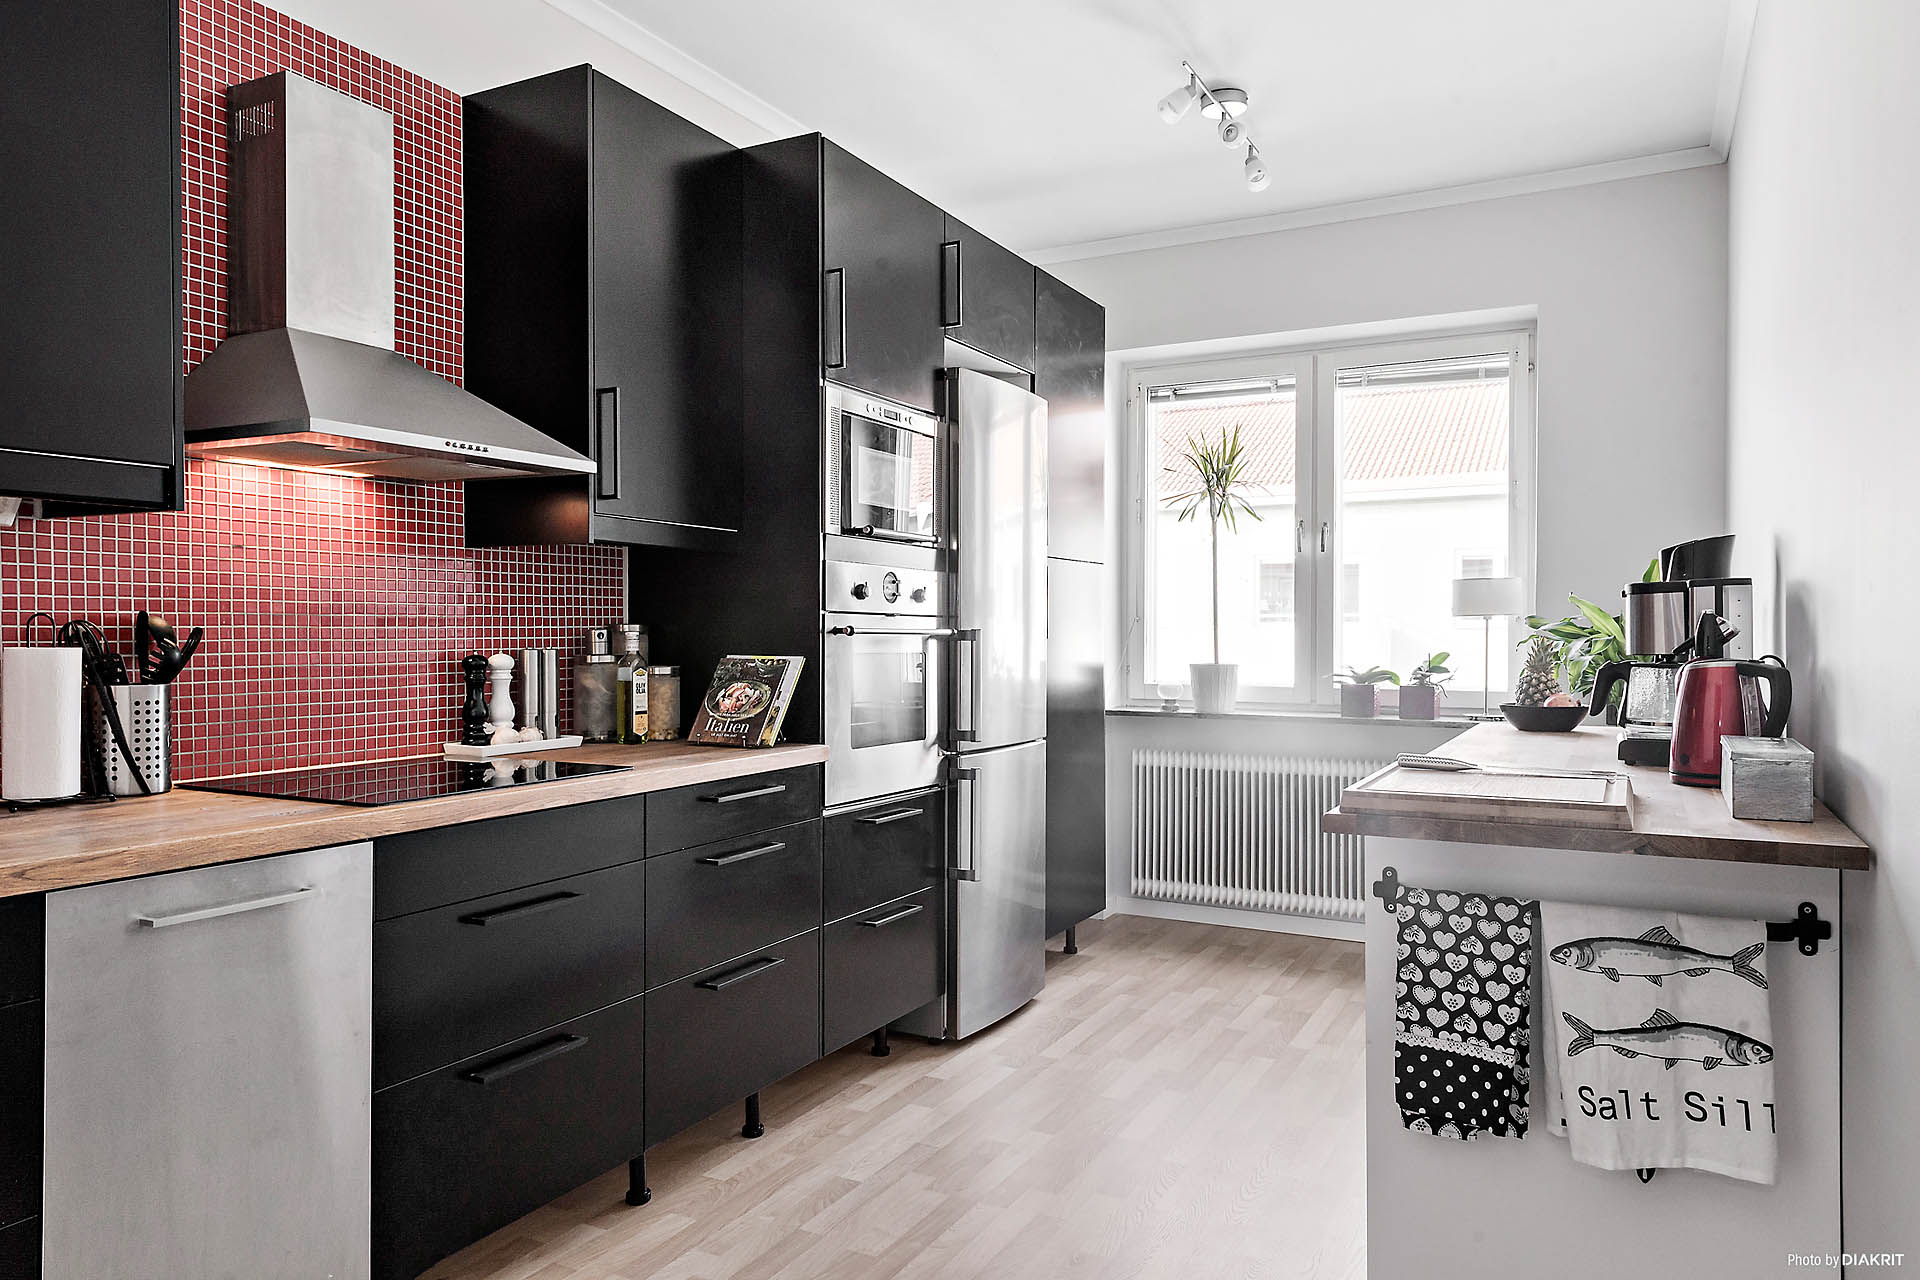 Köket är modernt och har gott om förvaring och arbetsyta.